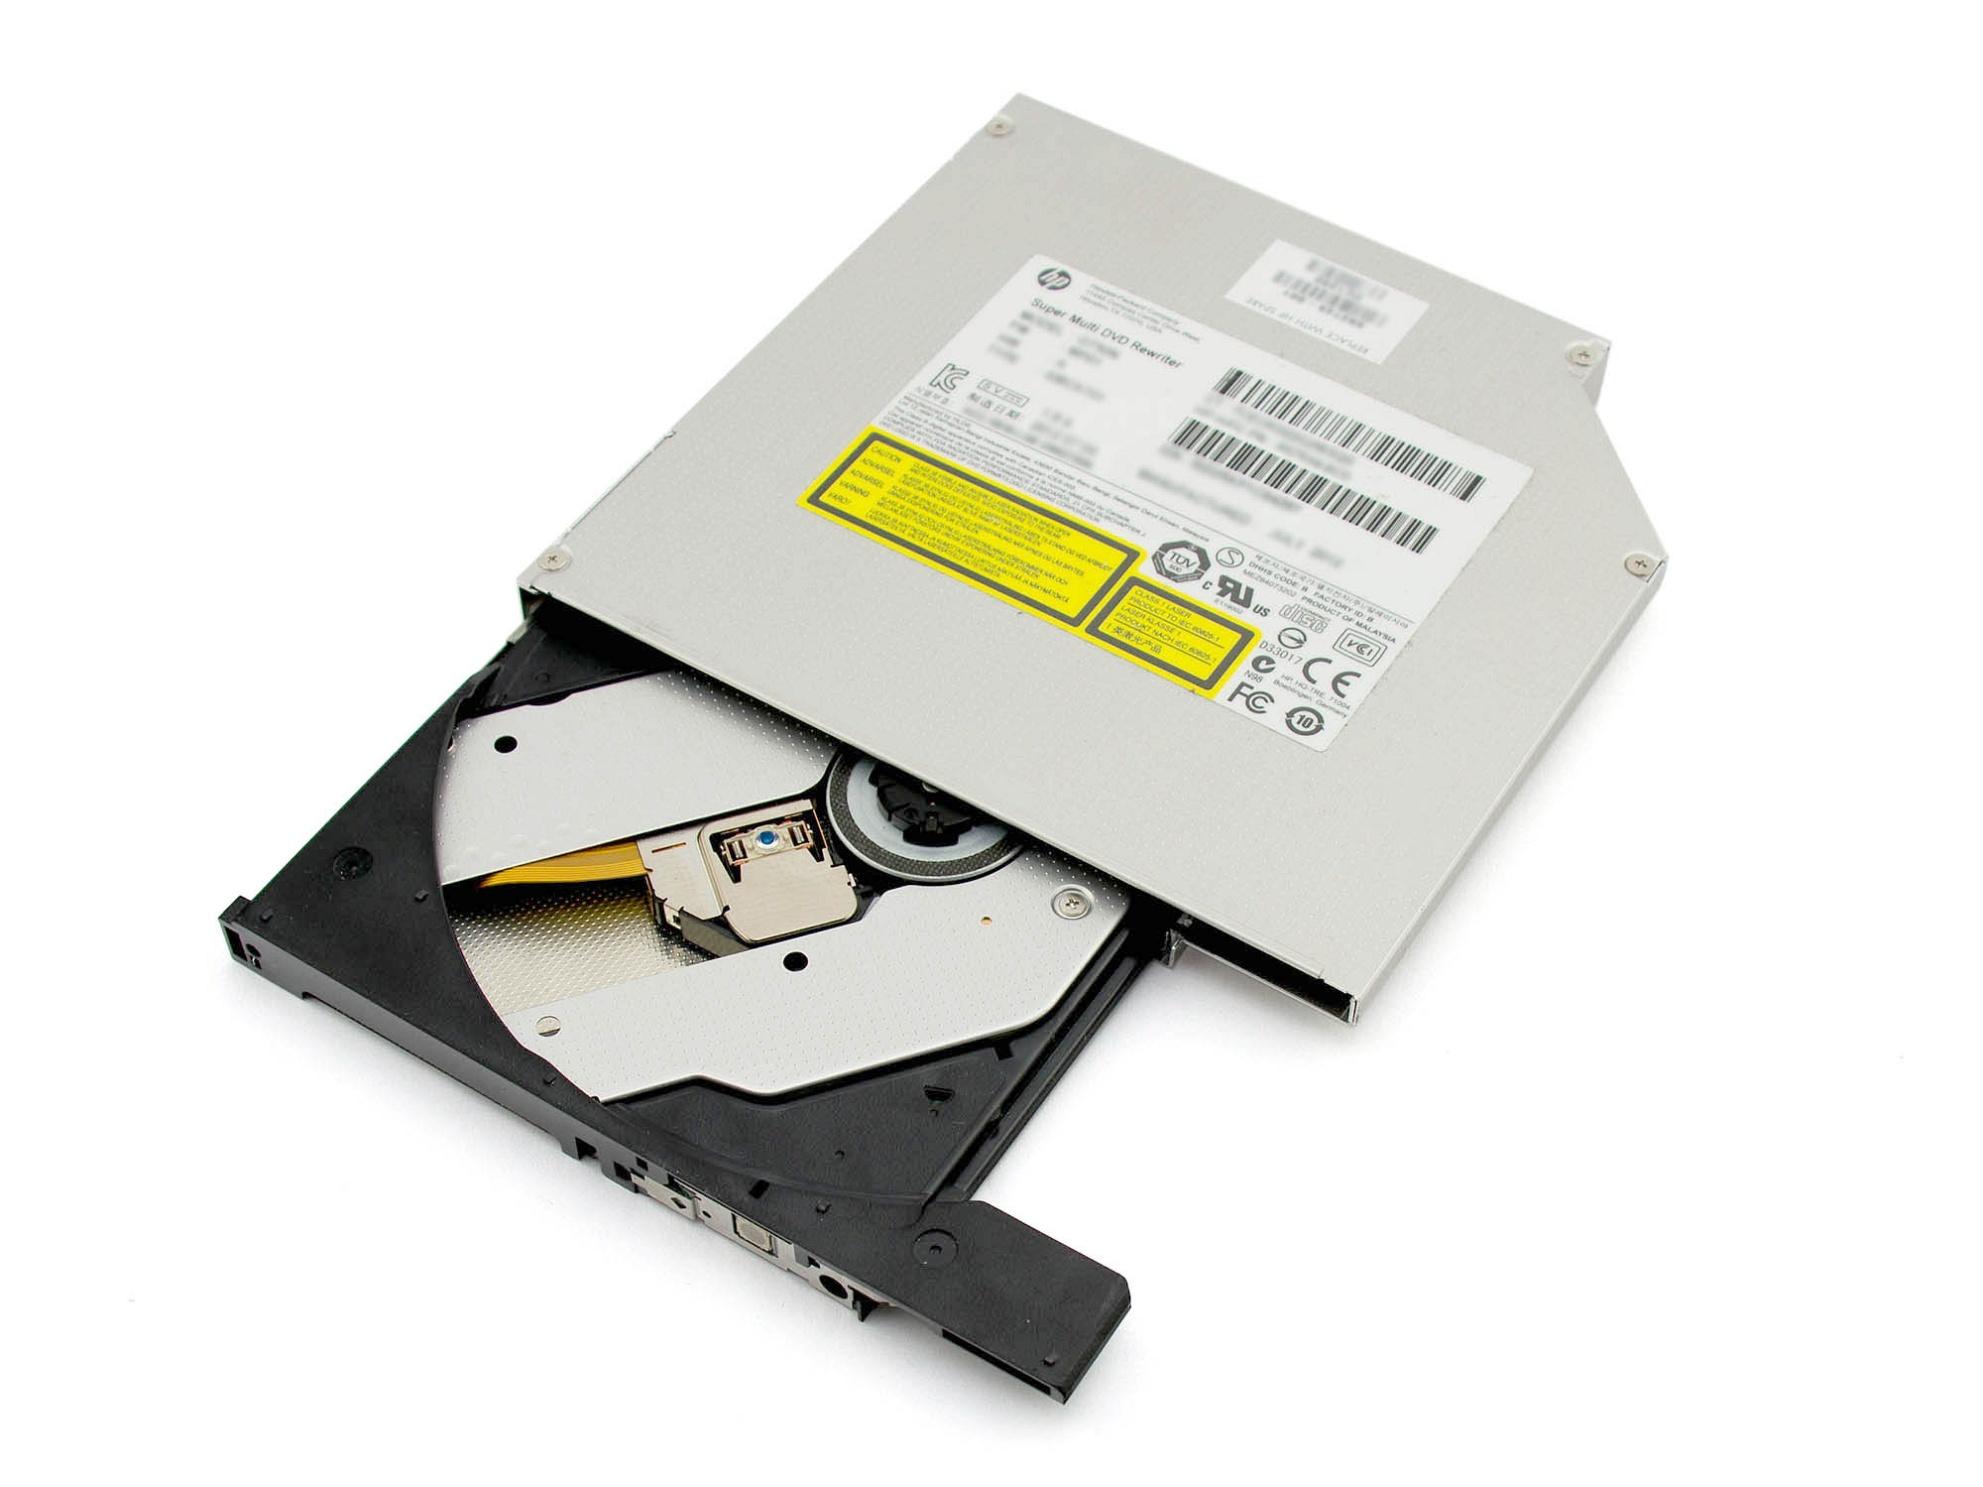 DVD Brenner - gebraucht für Wortmann Terra Mobile 1509 (1220111)